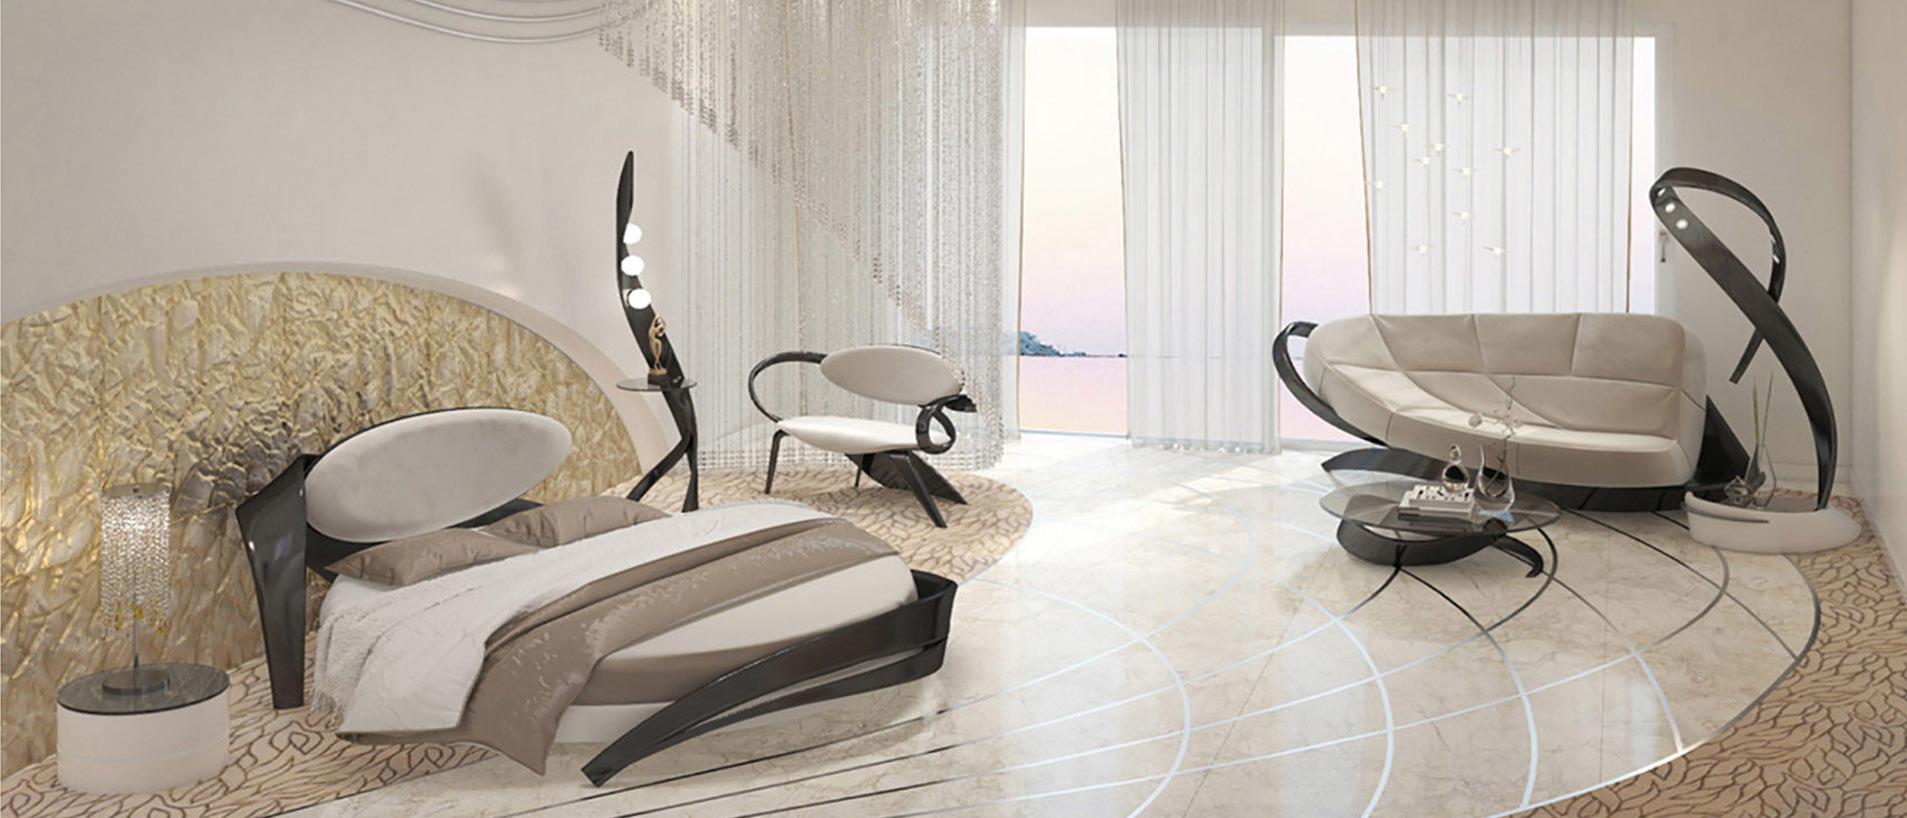 Интерьер спальни с дизайнерской мягкой мебелью